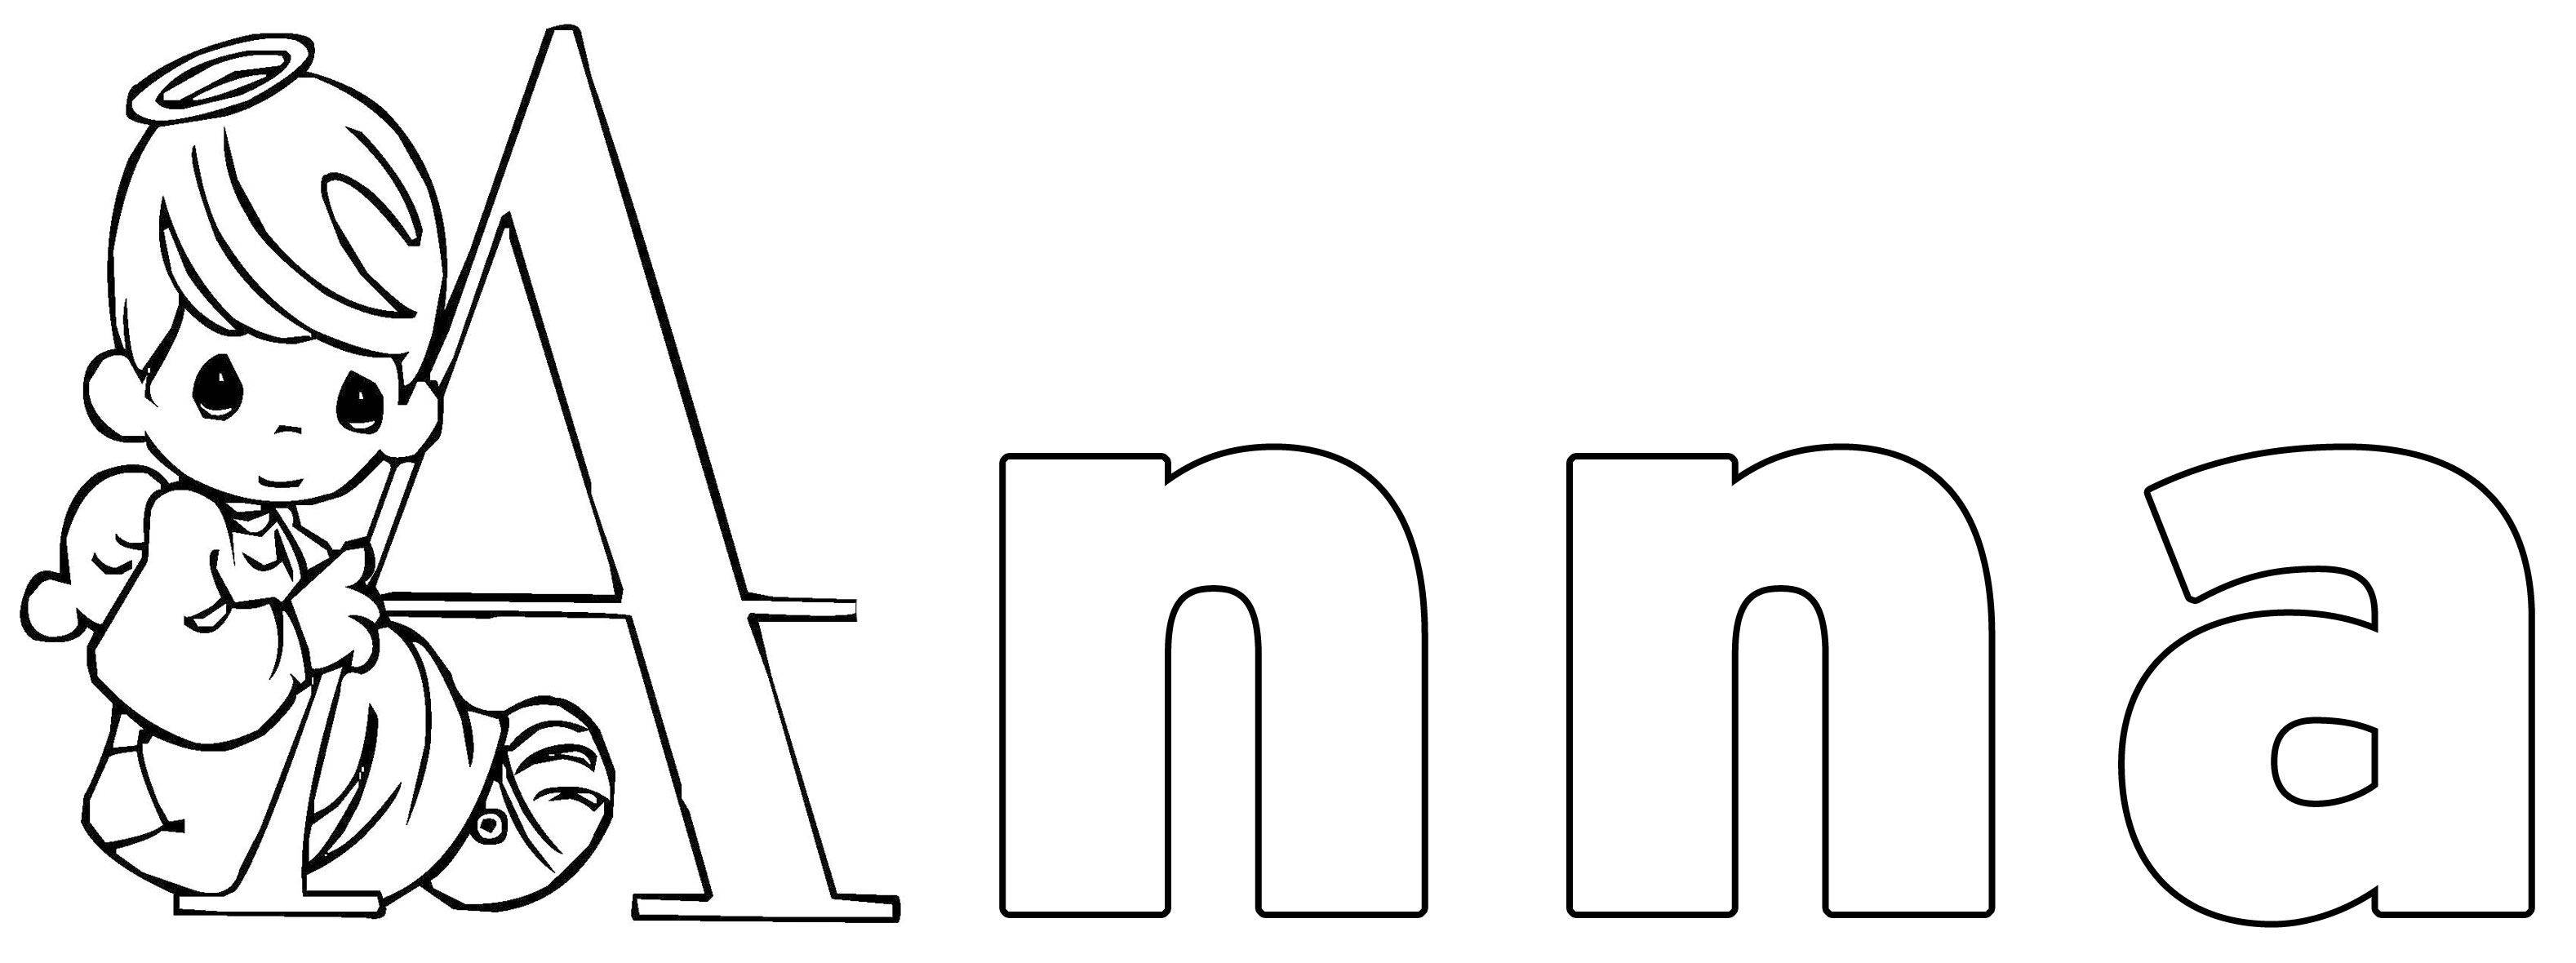 Ausmalbild Beliebte Mädchennamen Anna Kostenlos Ausdrucken